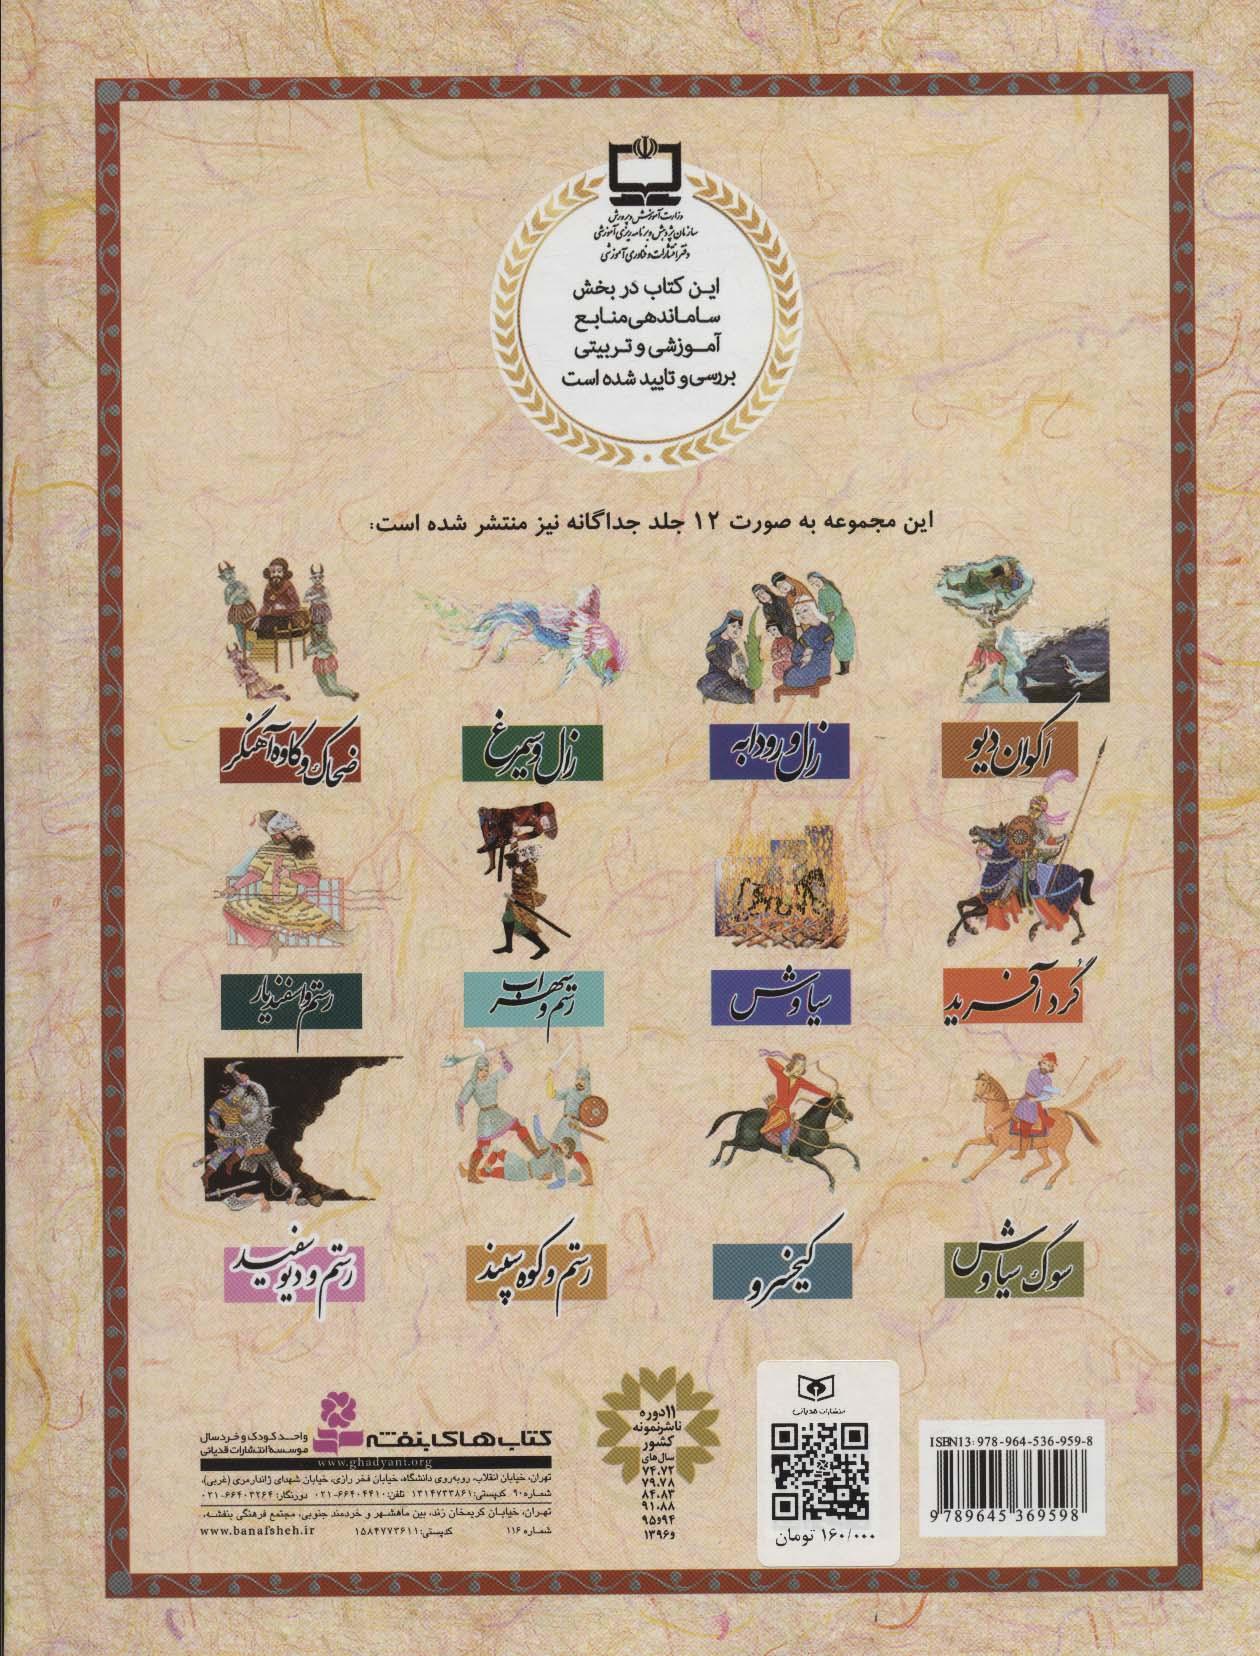 12 قصه تصویری از شاهنامه (گلاسه)